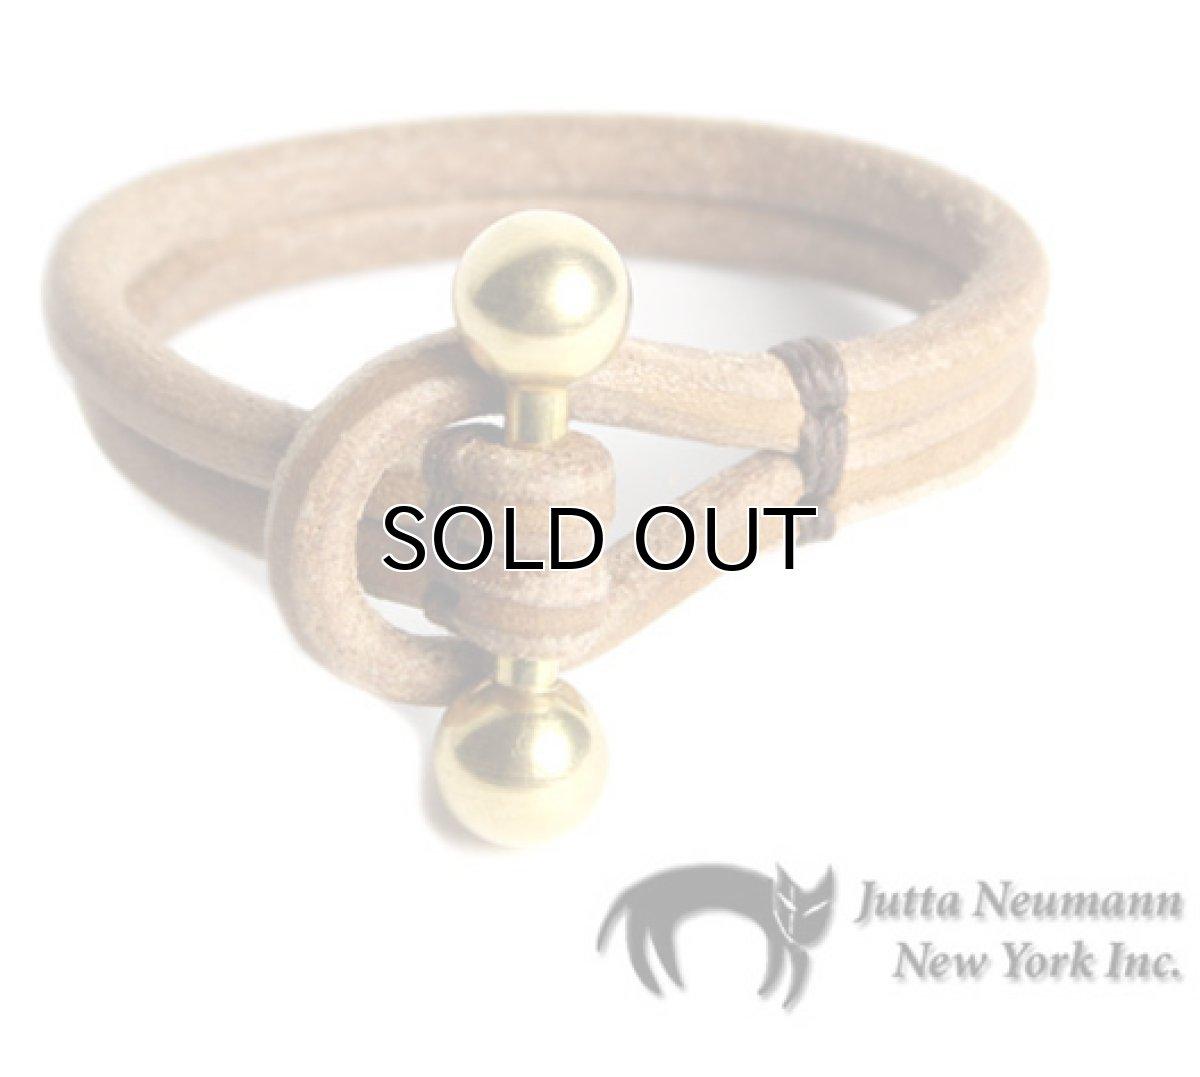 画像1: JUTTA NEUMANN Leather Wrist Band ブレスレット color : Natural Tan size : S, M, L (1)